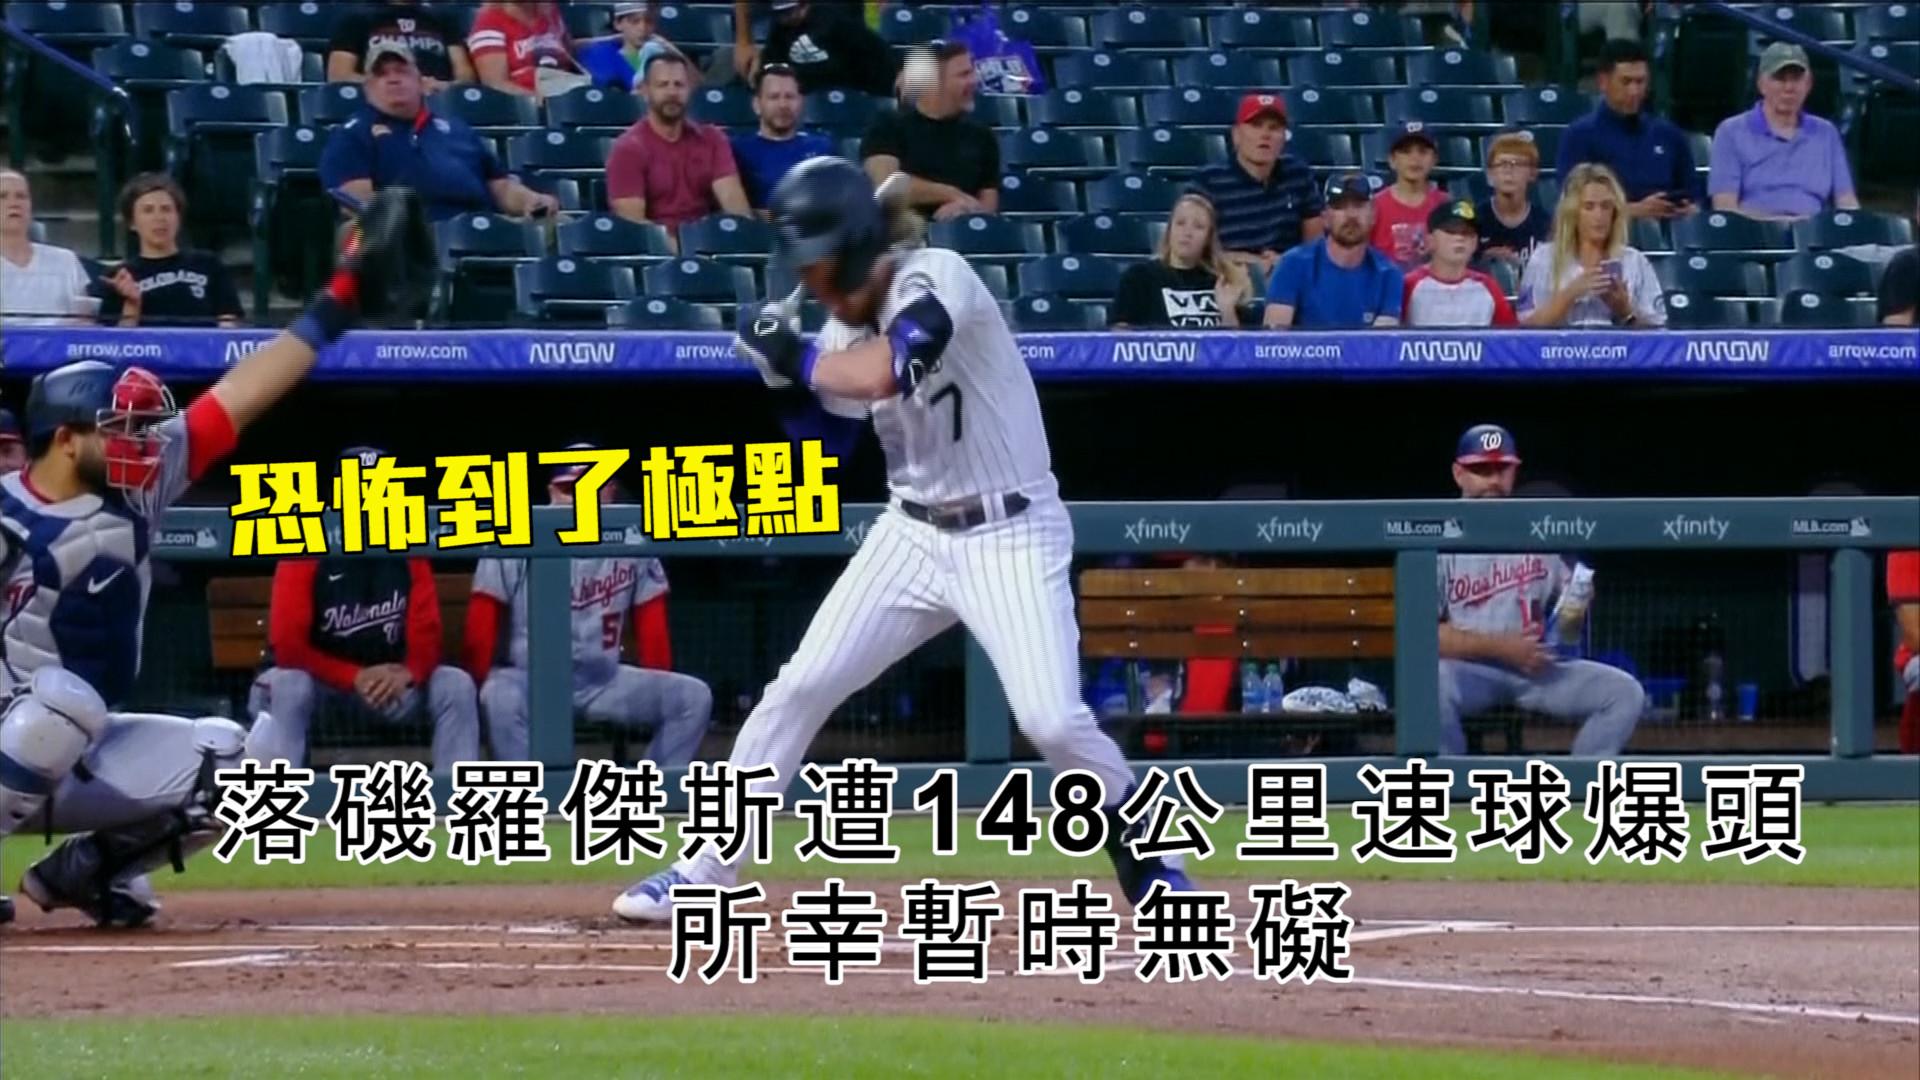 【MLB看愛爾達】快到躲不掉 羅傑斯遭爆頭倒地不起 9/28